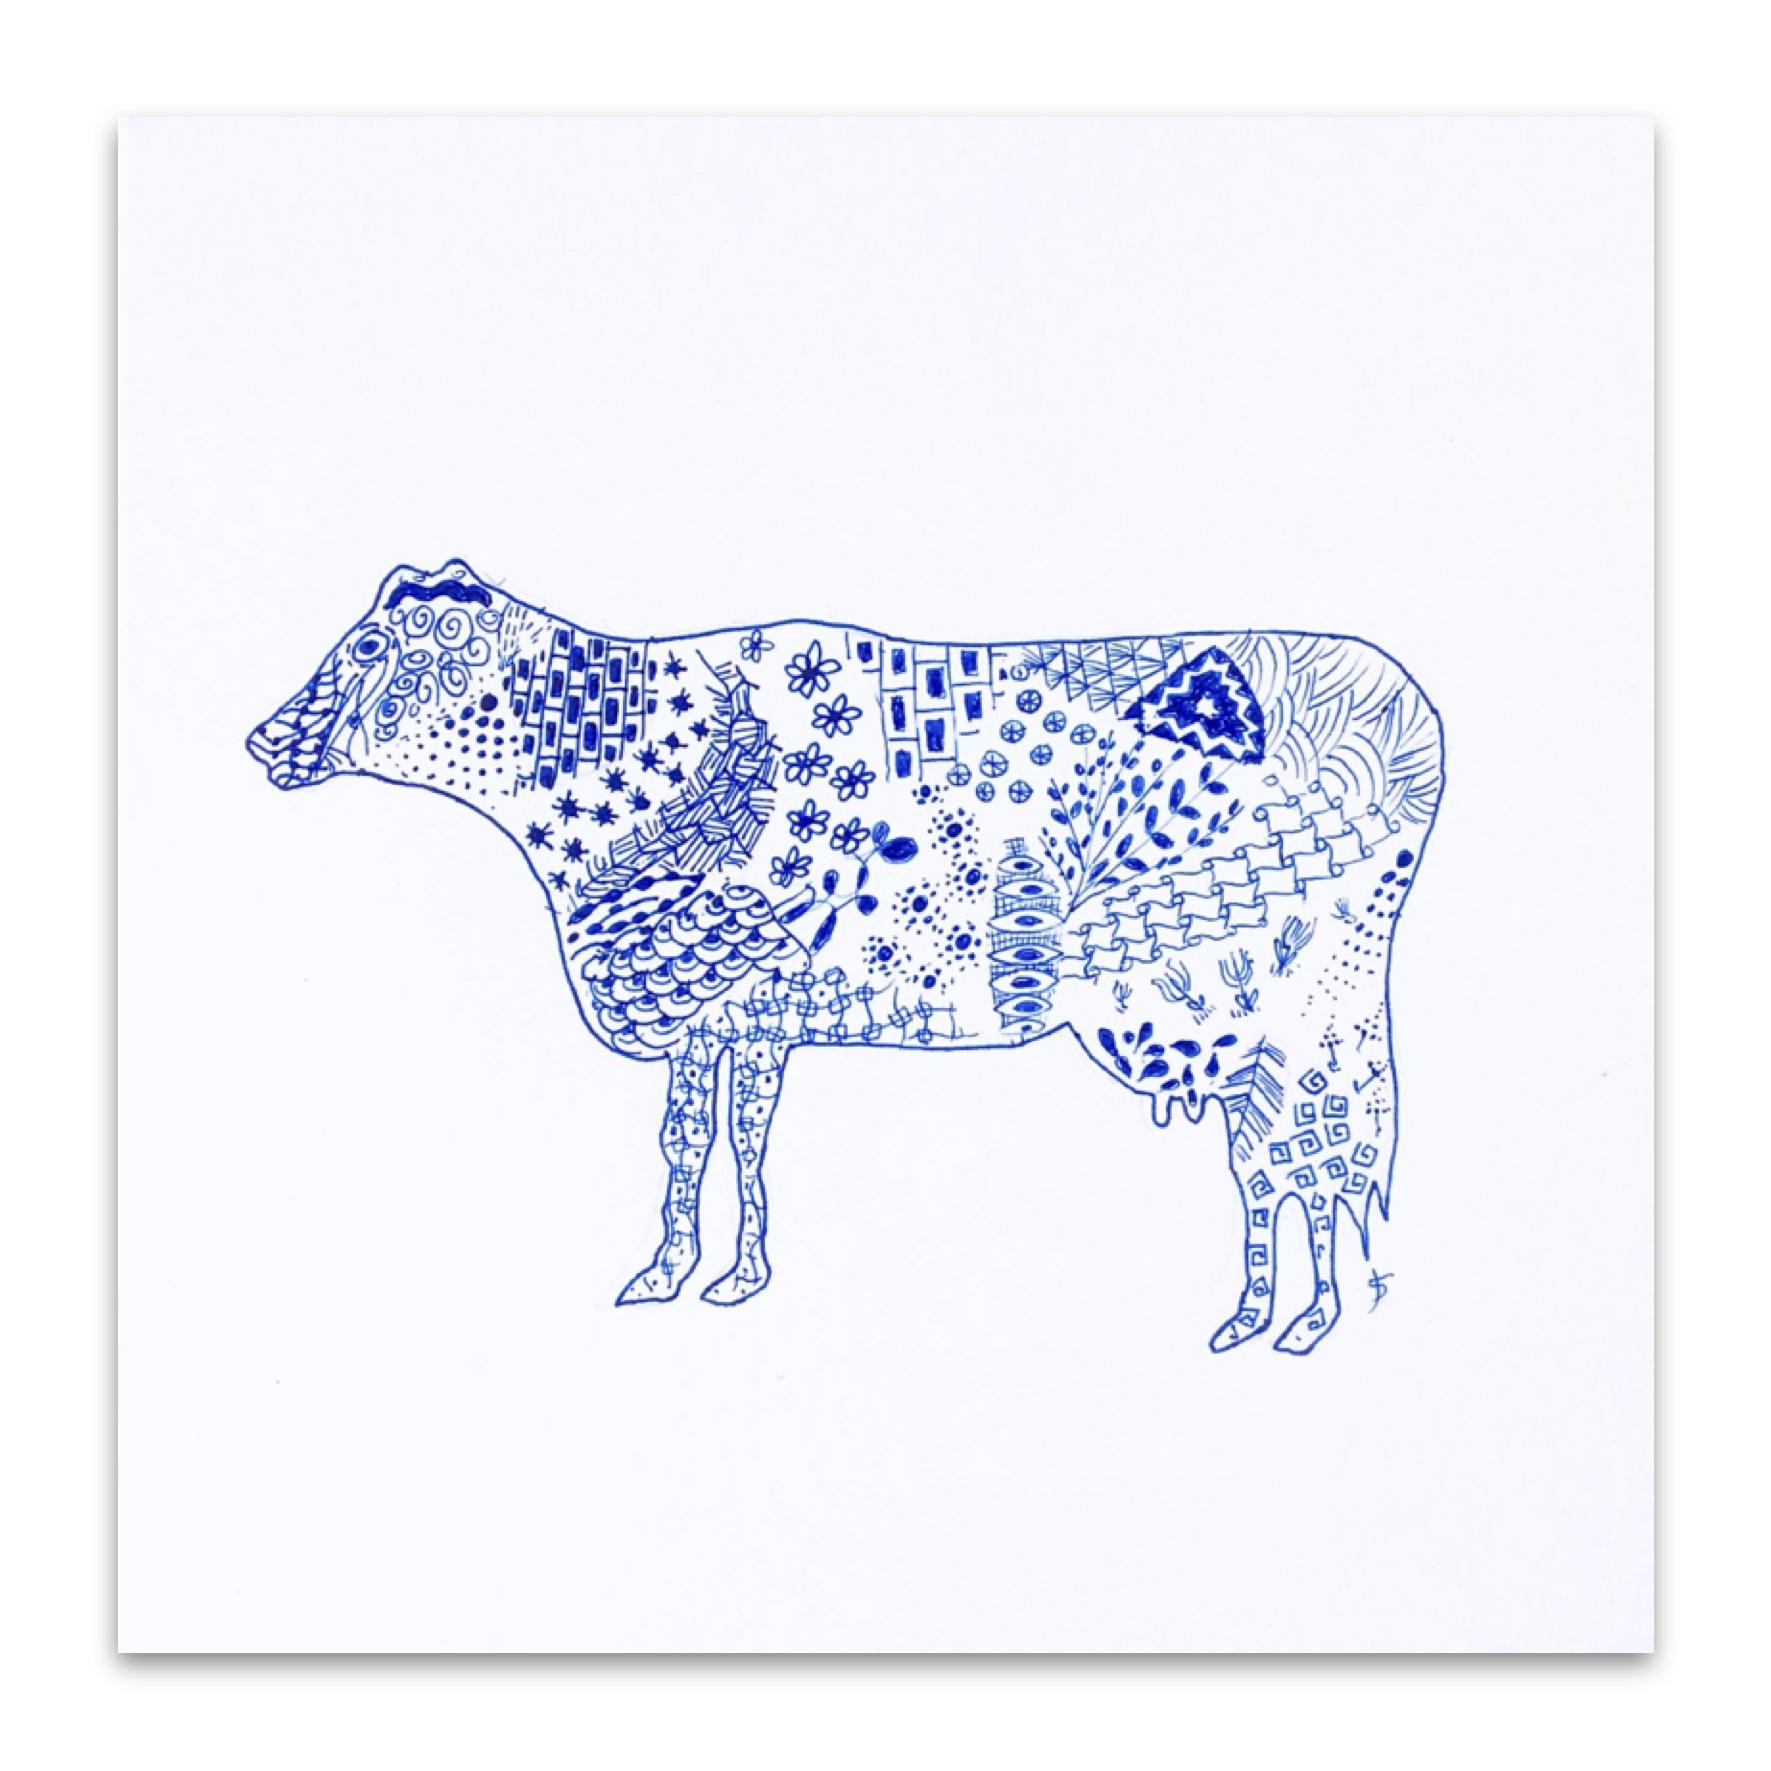 手描きの牛の絵のメッセージカード|Hand Drawn Cow Picture Message Card